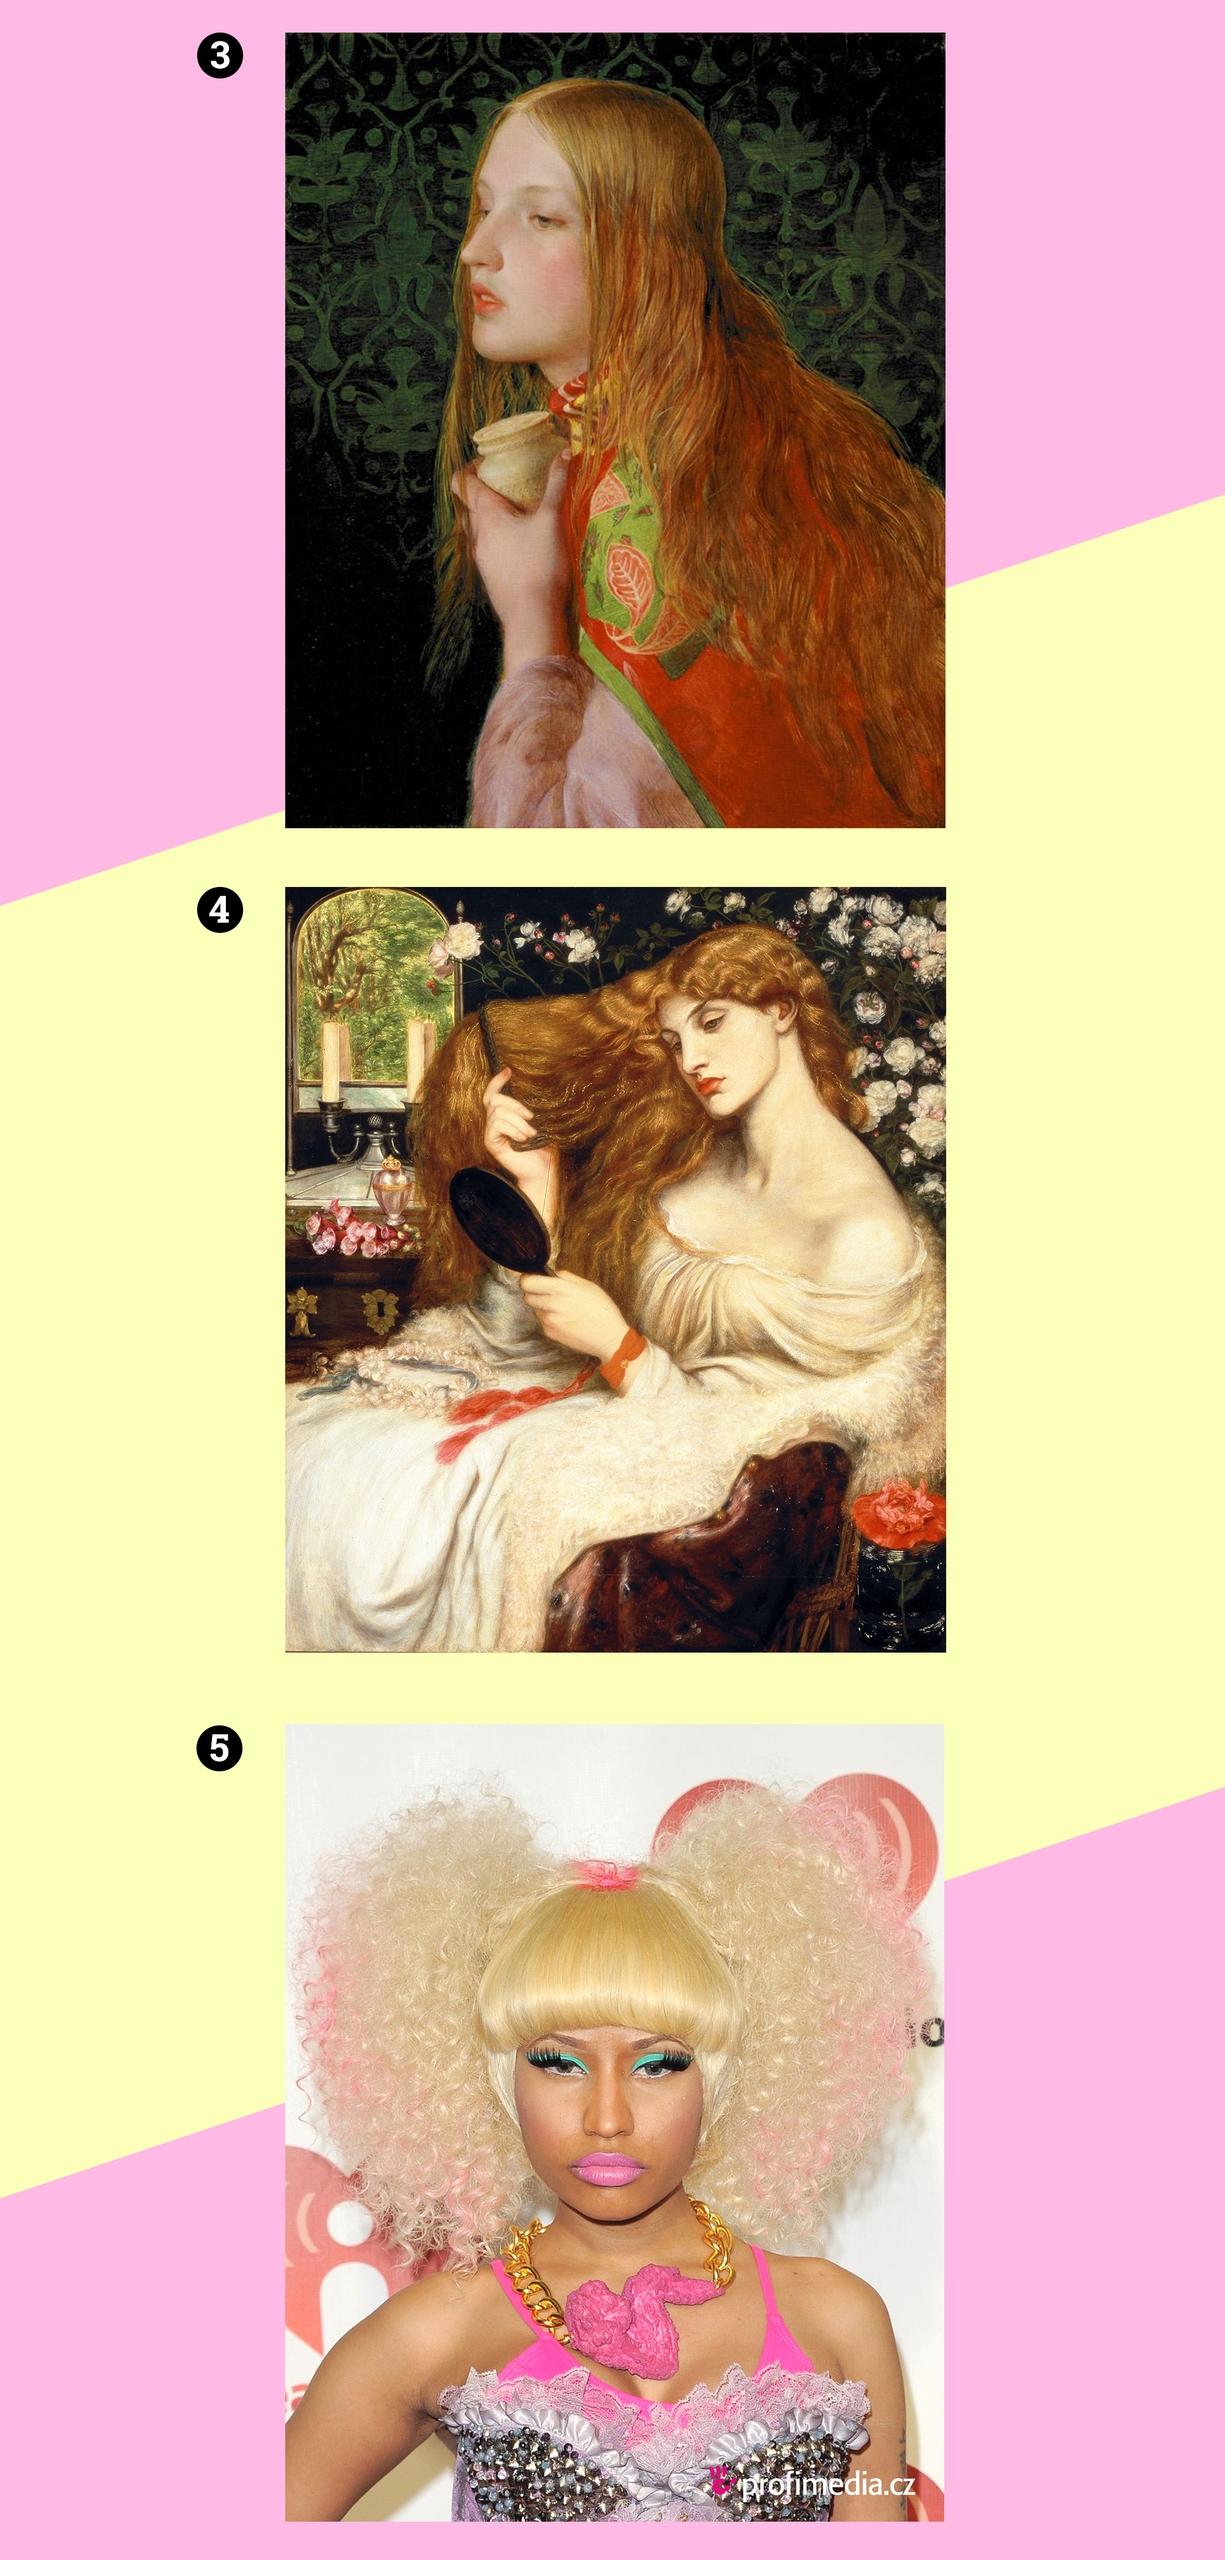 Obraz przedstawia trzy fotografie postaci kobiecych na różowo-żółtym tle.